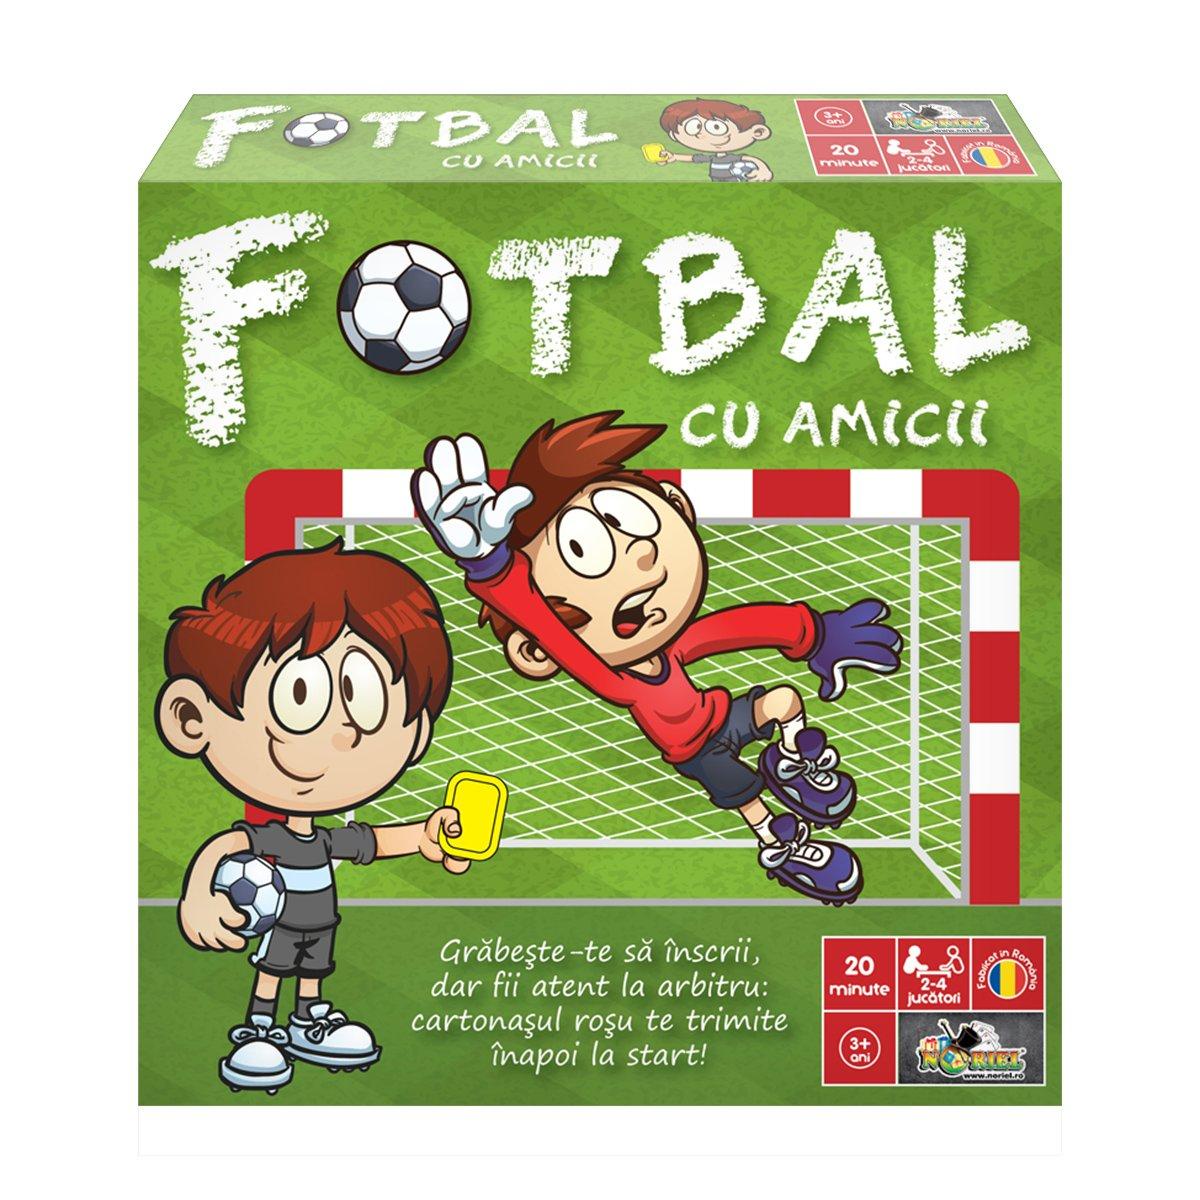 Joc de societate Noriel - Fotbal cu amicii